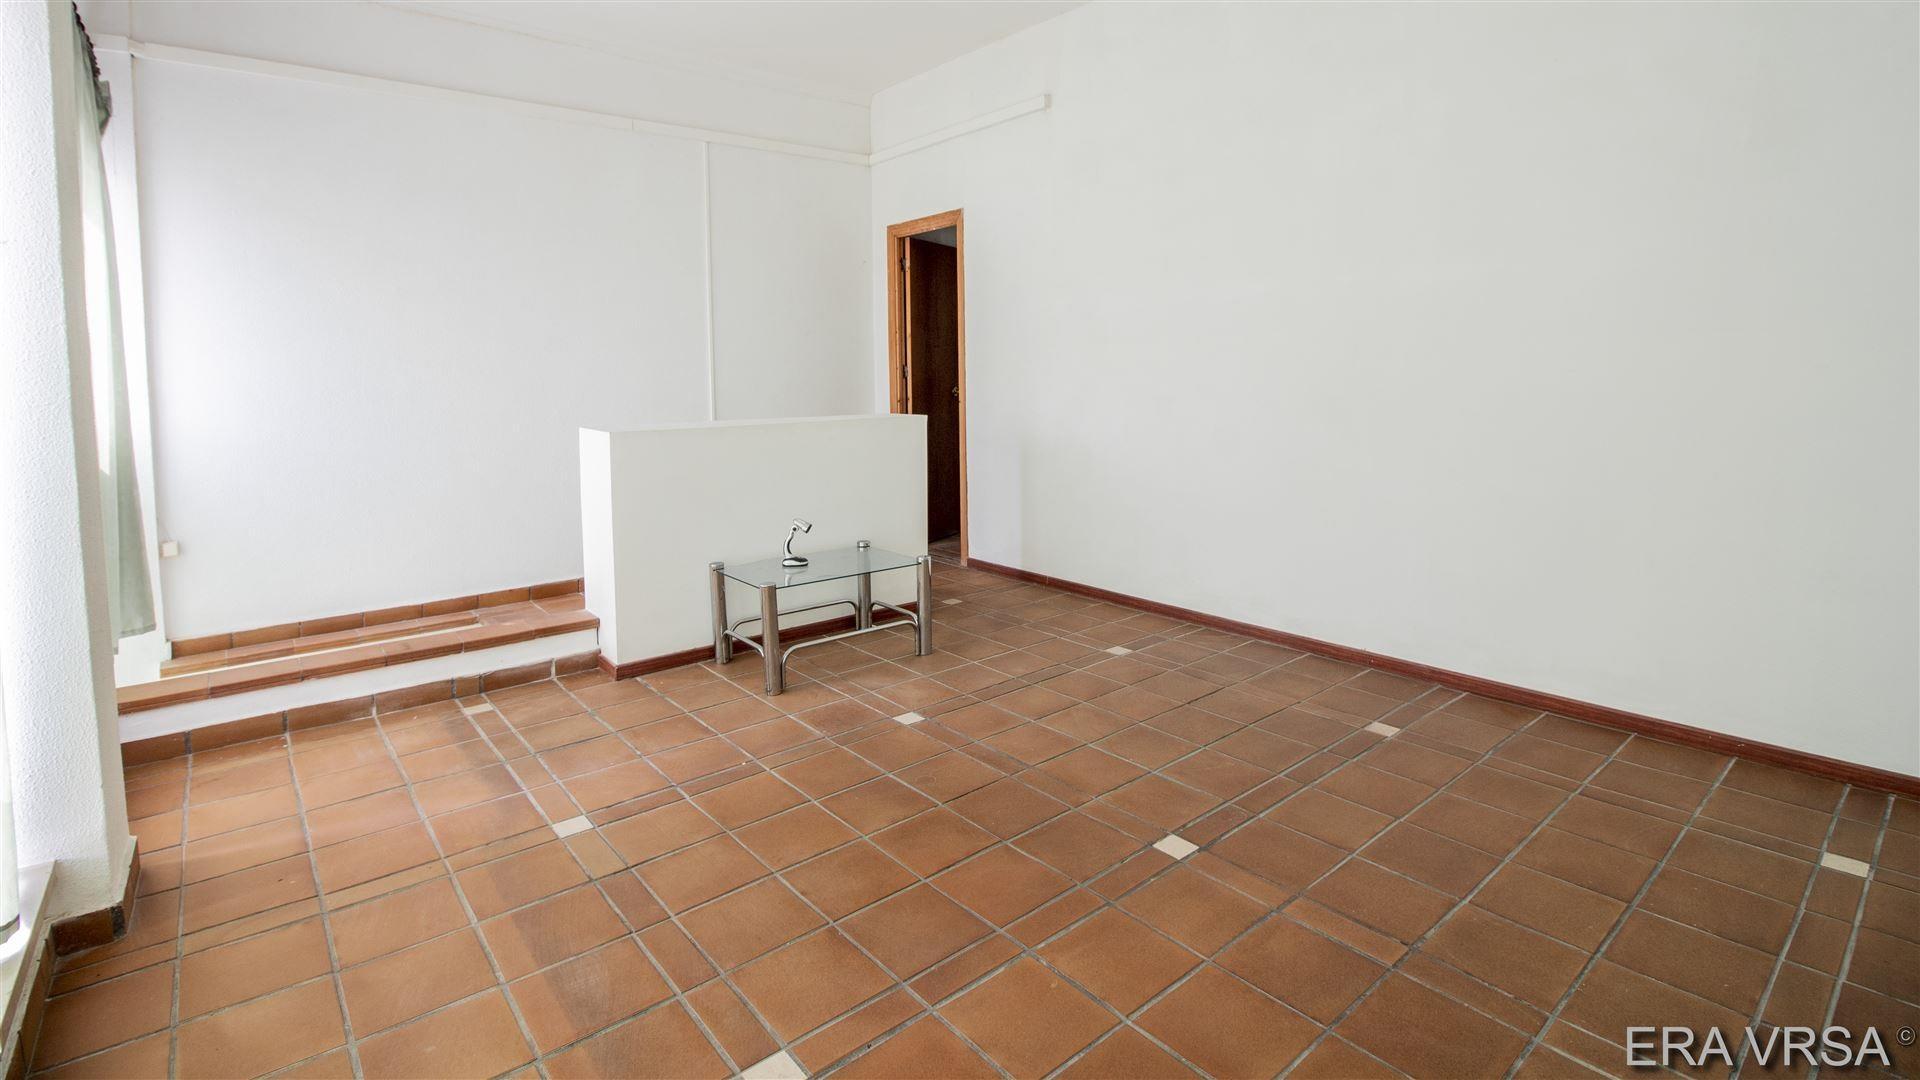 Negozio  - Algarve, , Vila Real de Santo António